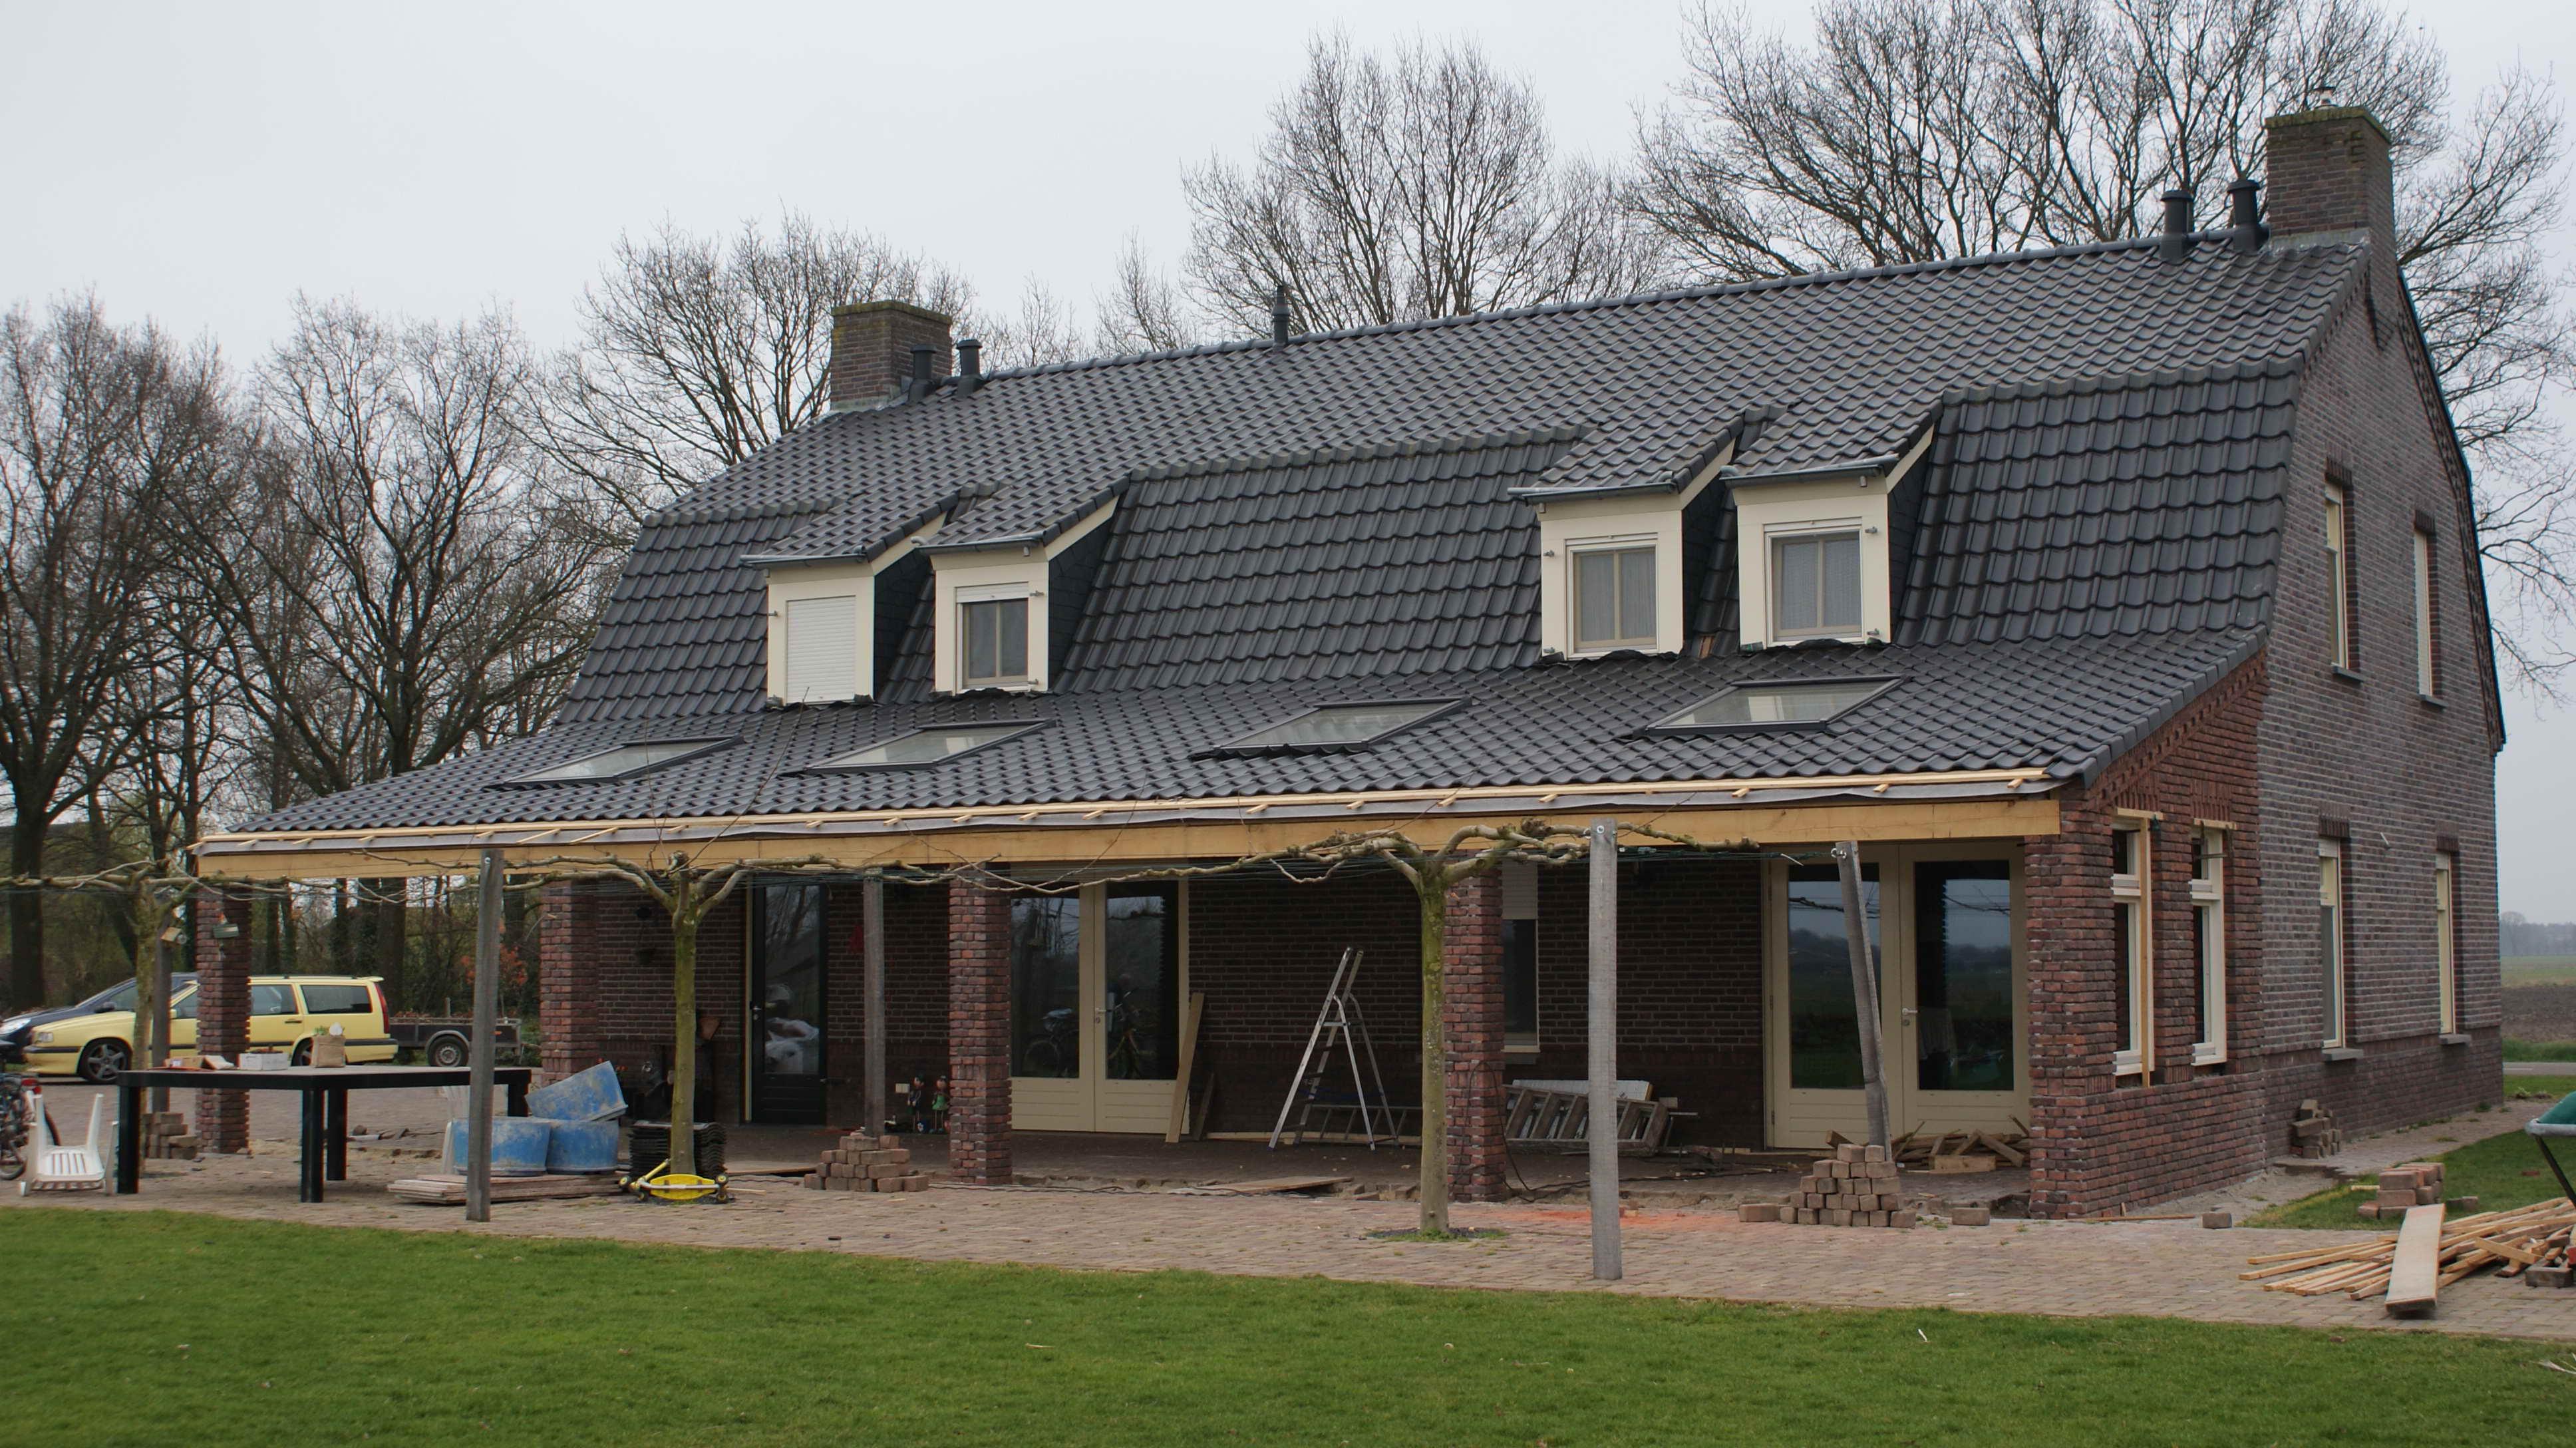 Verandabouw - De mooiste verandas ...